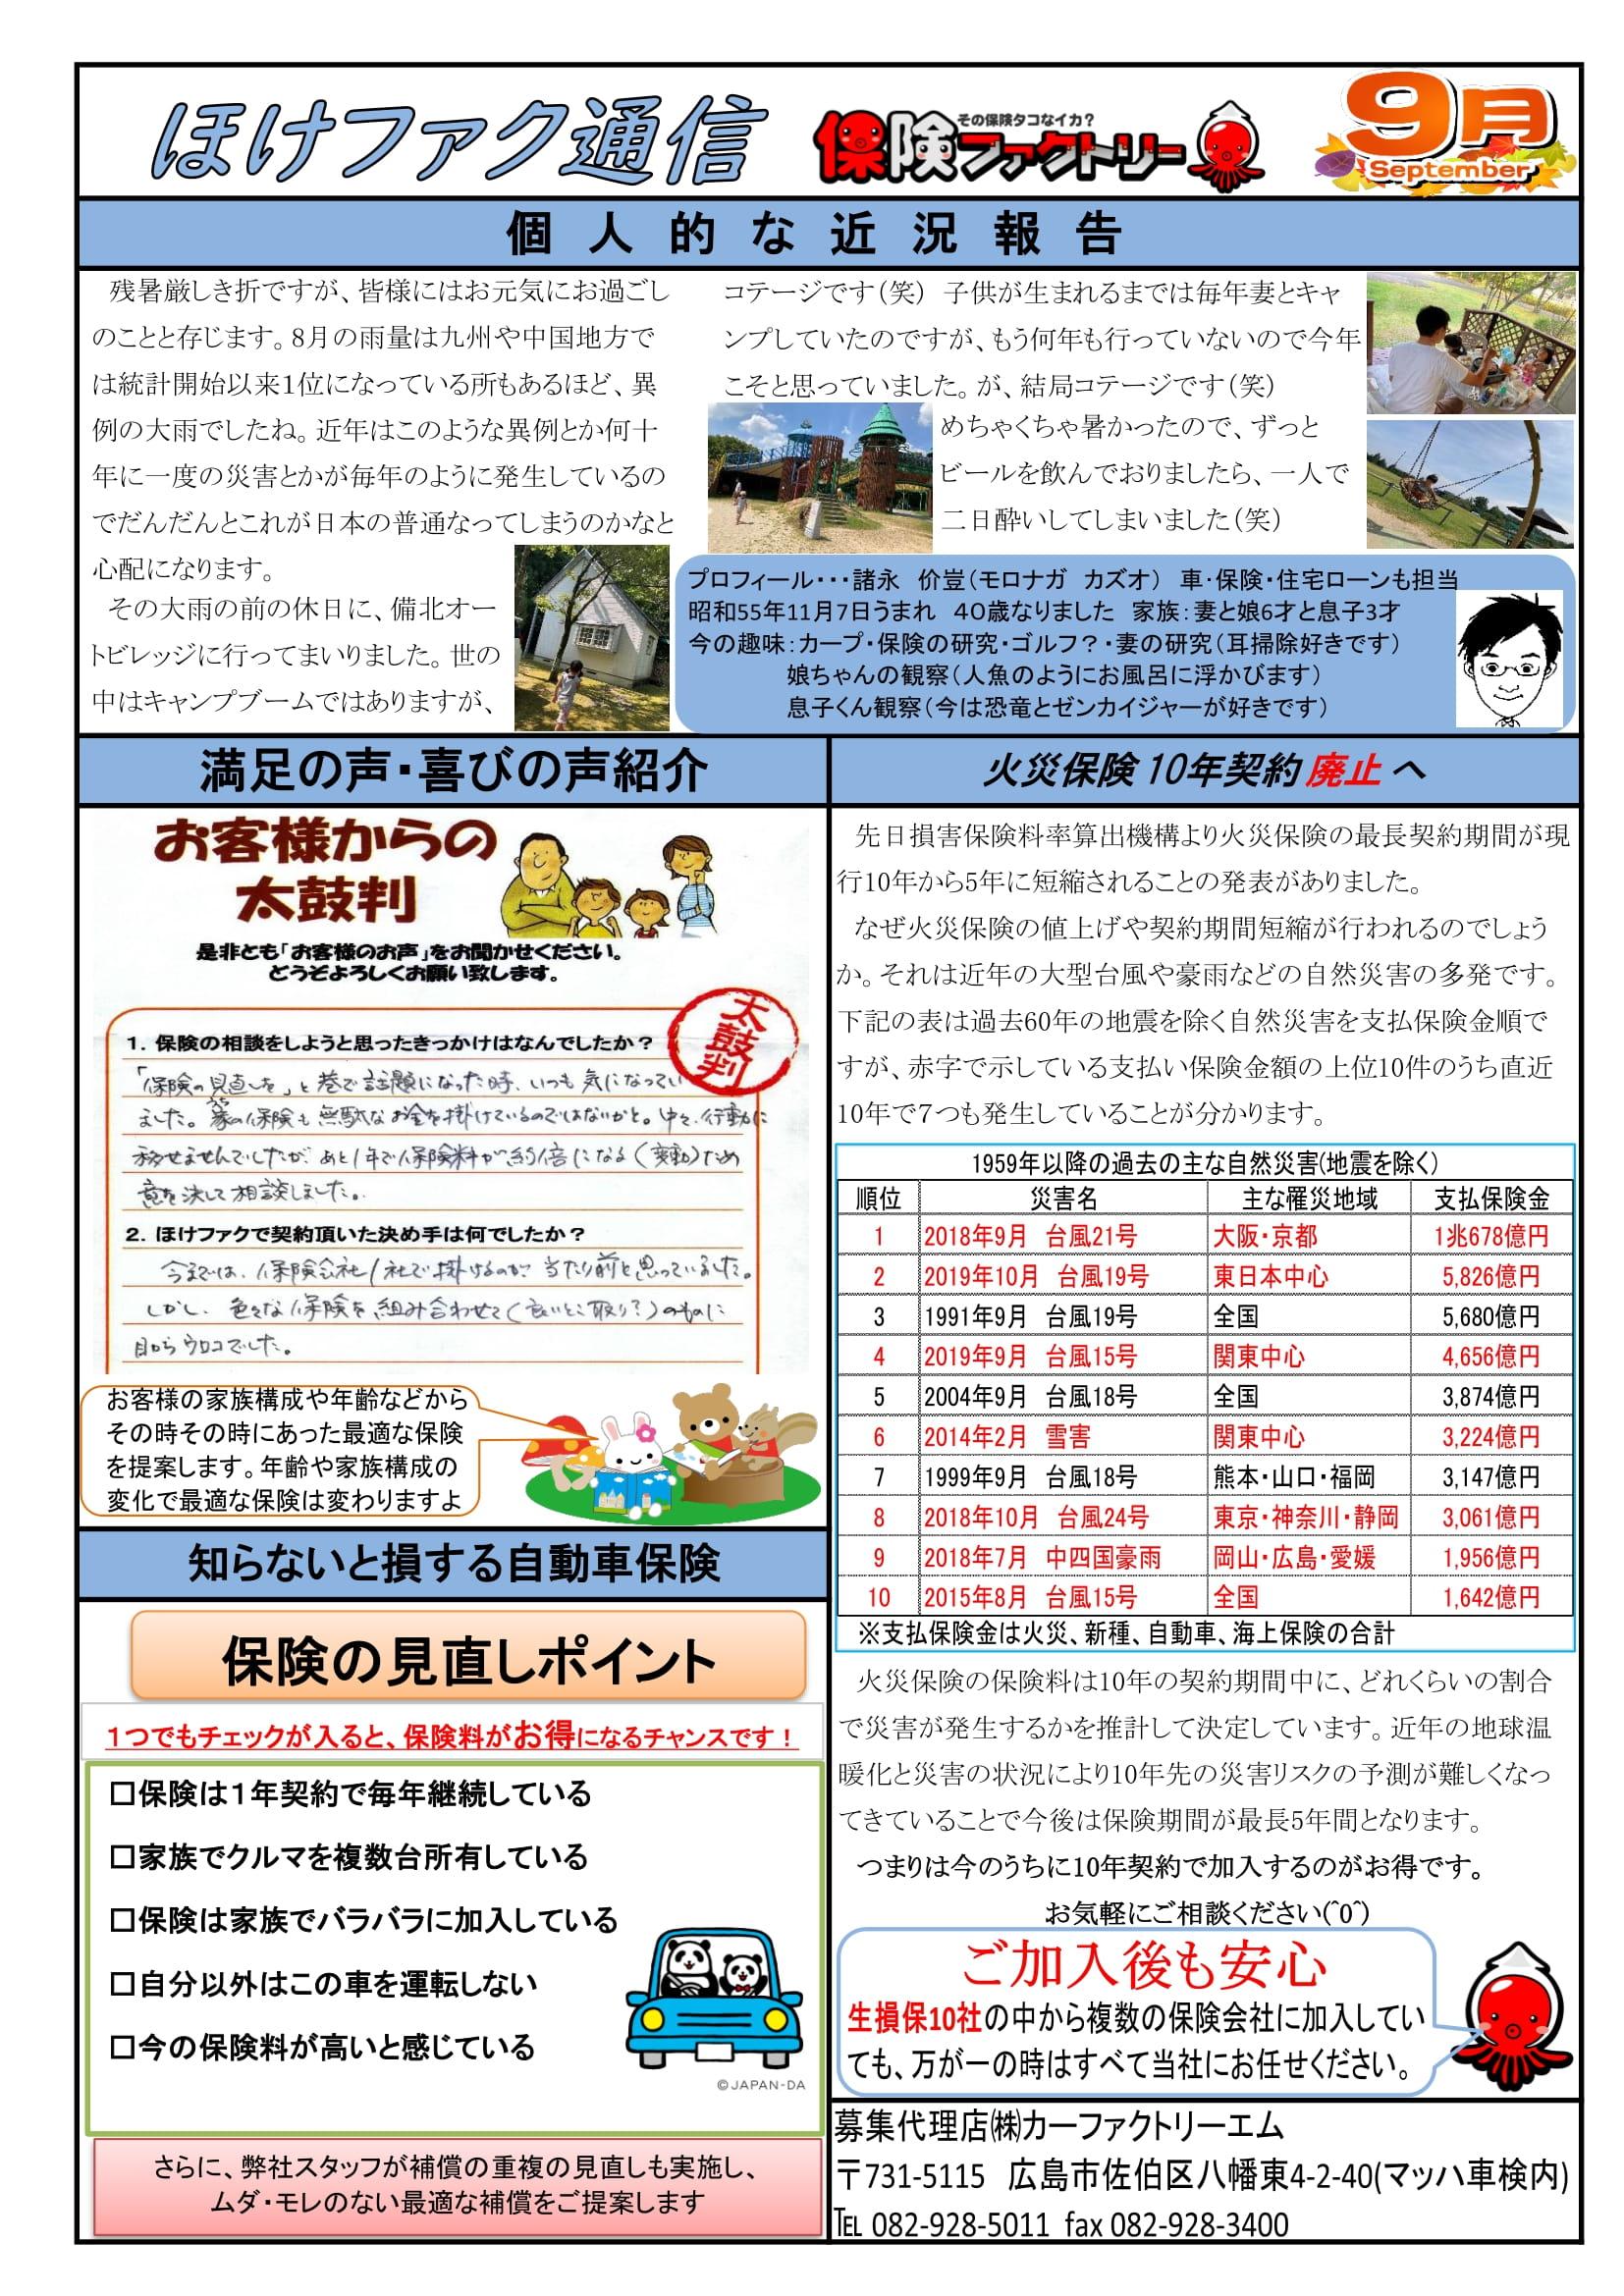 マッハ車検五日市石内バイパス店から 保険ファクトリー通信令和3年9月号